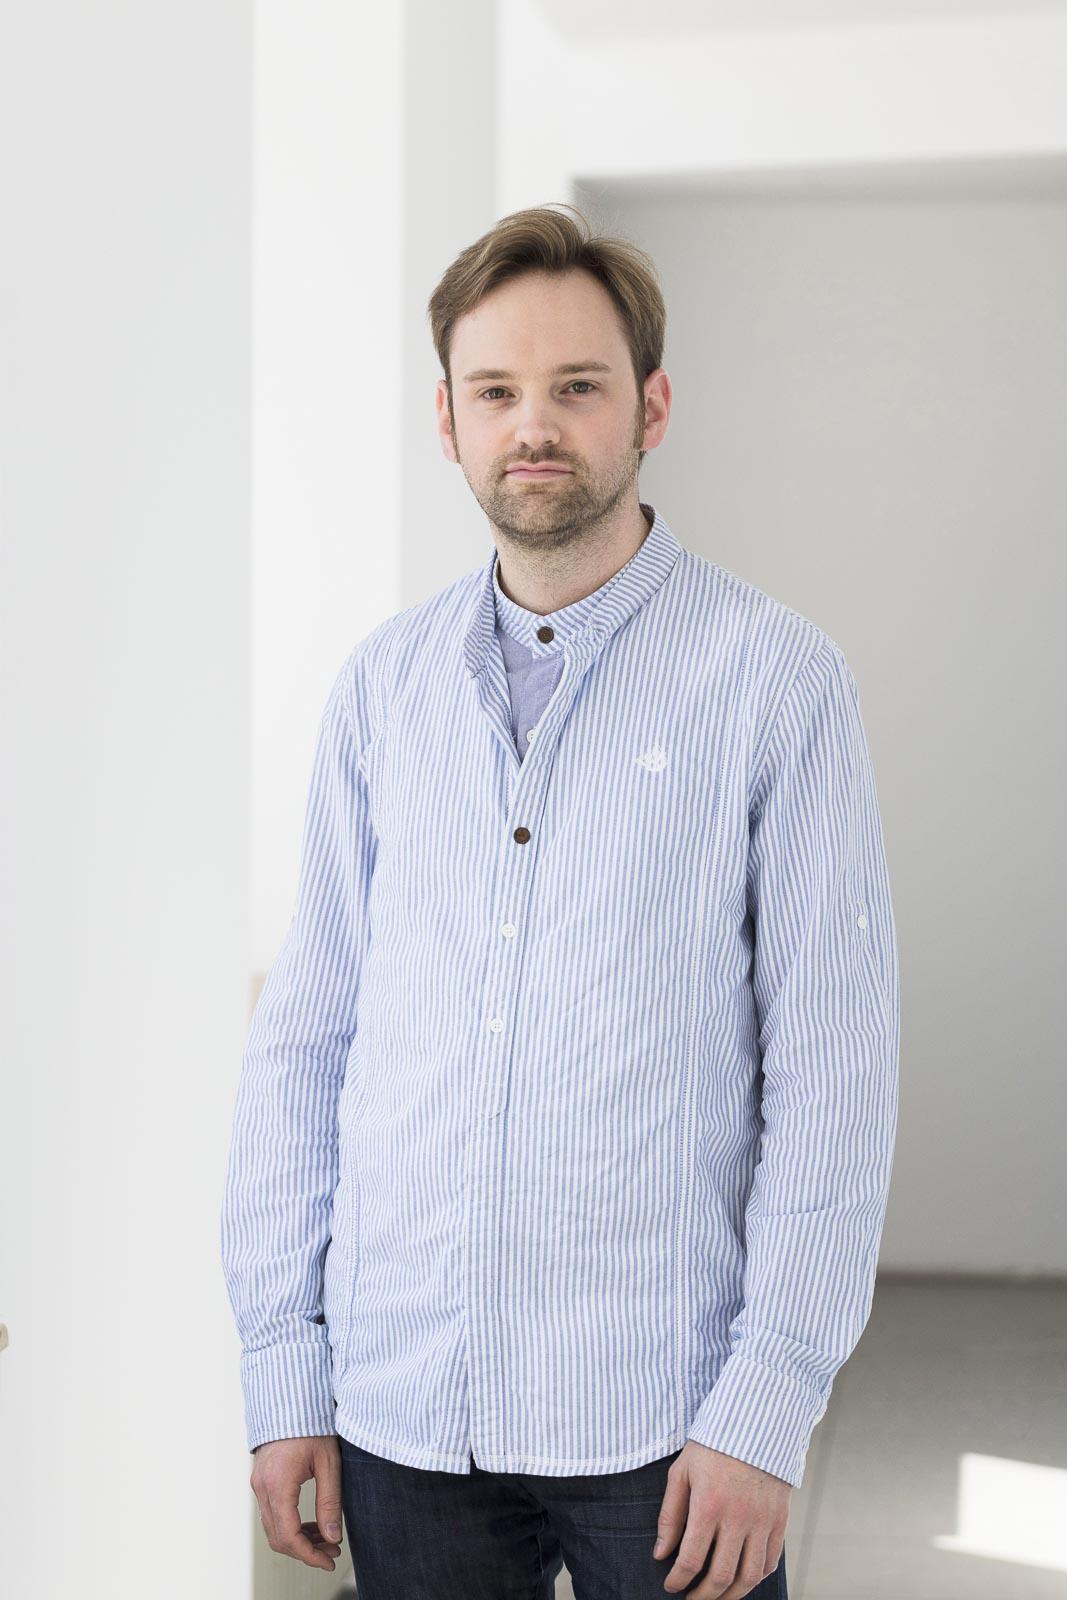 Dr. Jens Kloster